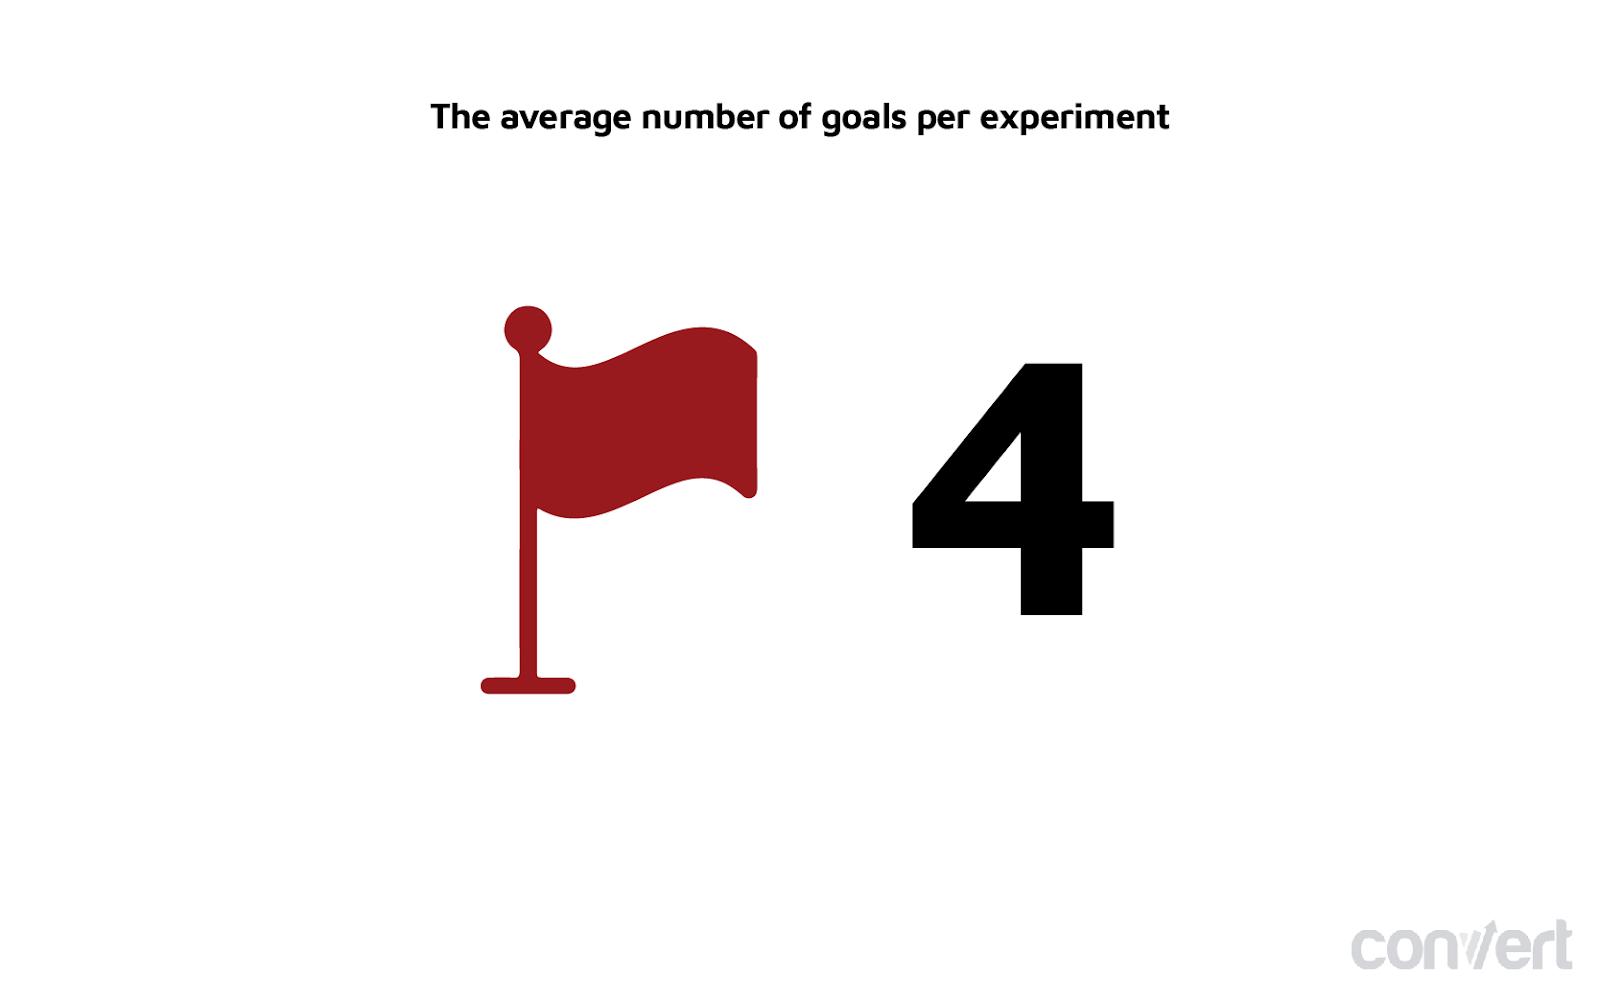 grafico che mostra il numero medio di esperimenti.